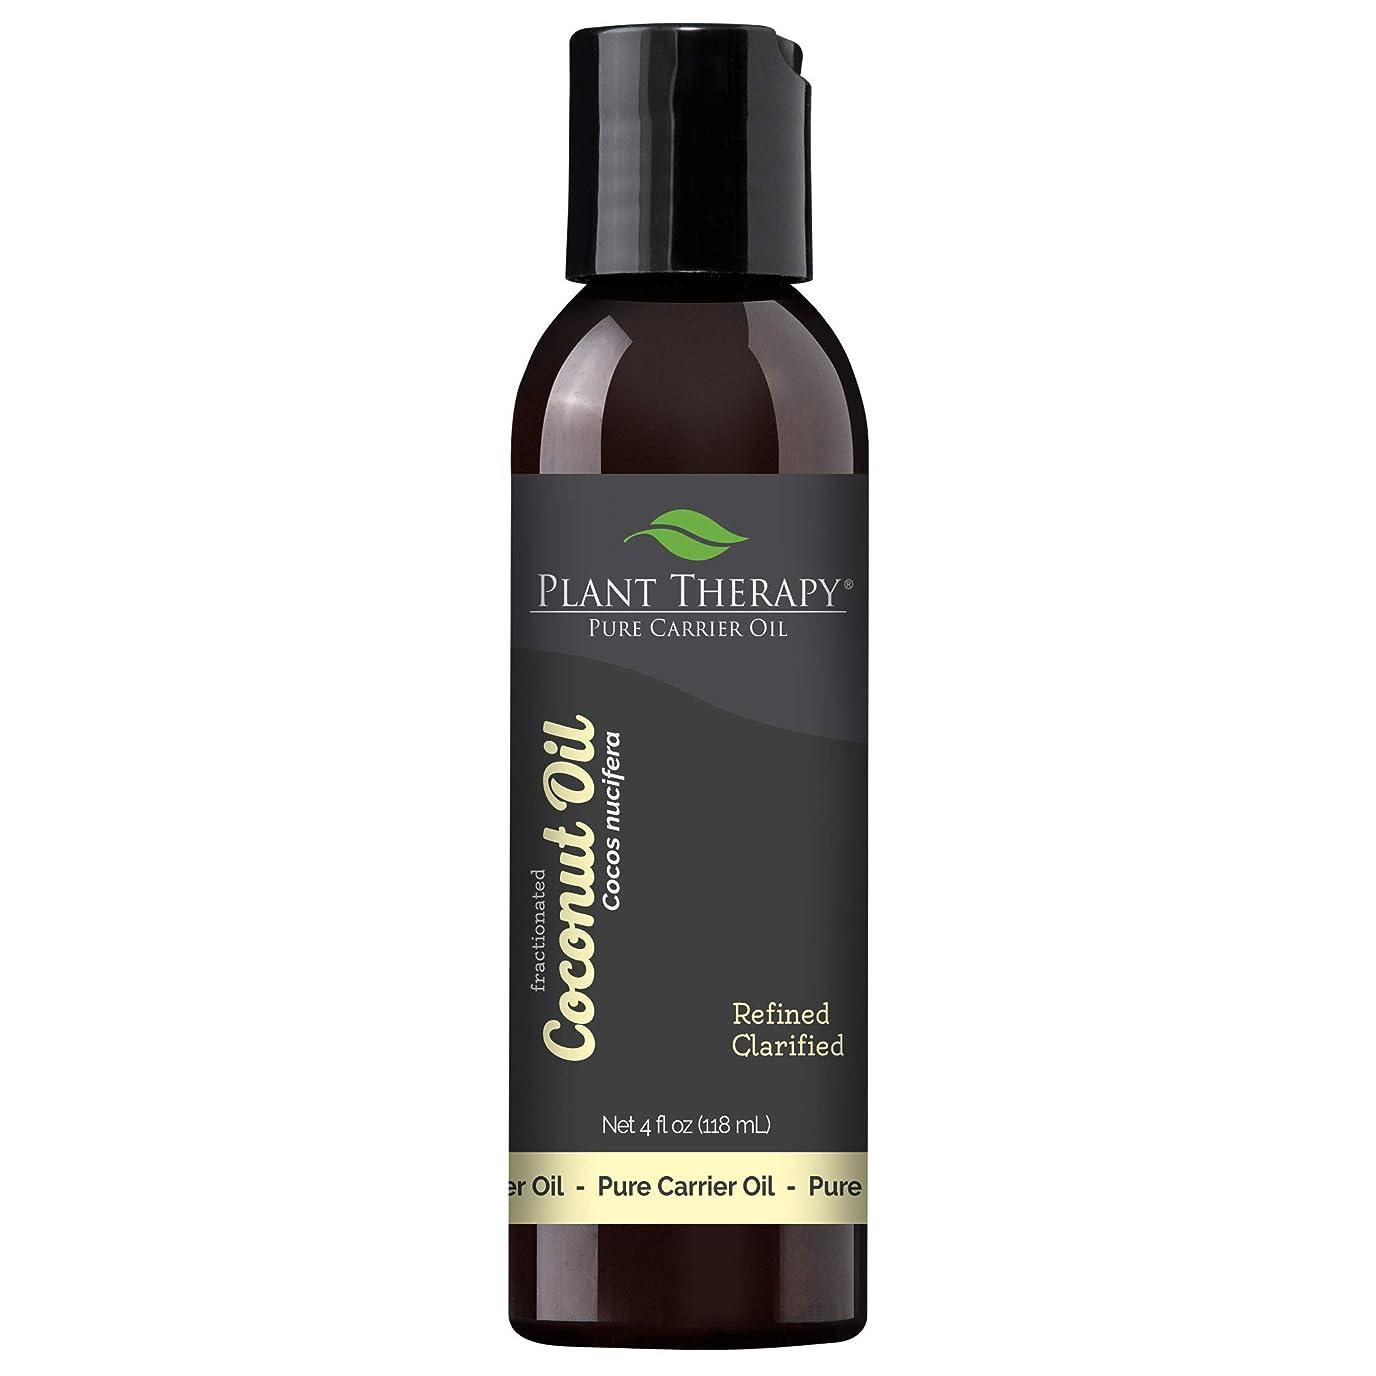 真空入手しますメトロポリタンPlant Therapy Essential Oils (プラントセラピー エッセンシャルオイル) ココナッツ (分別蒸留) 4 オンス キャリアオイル